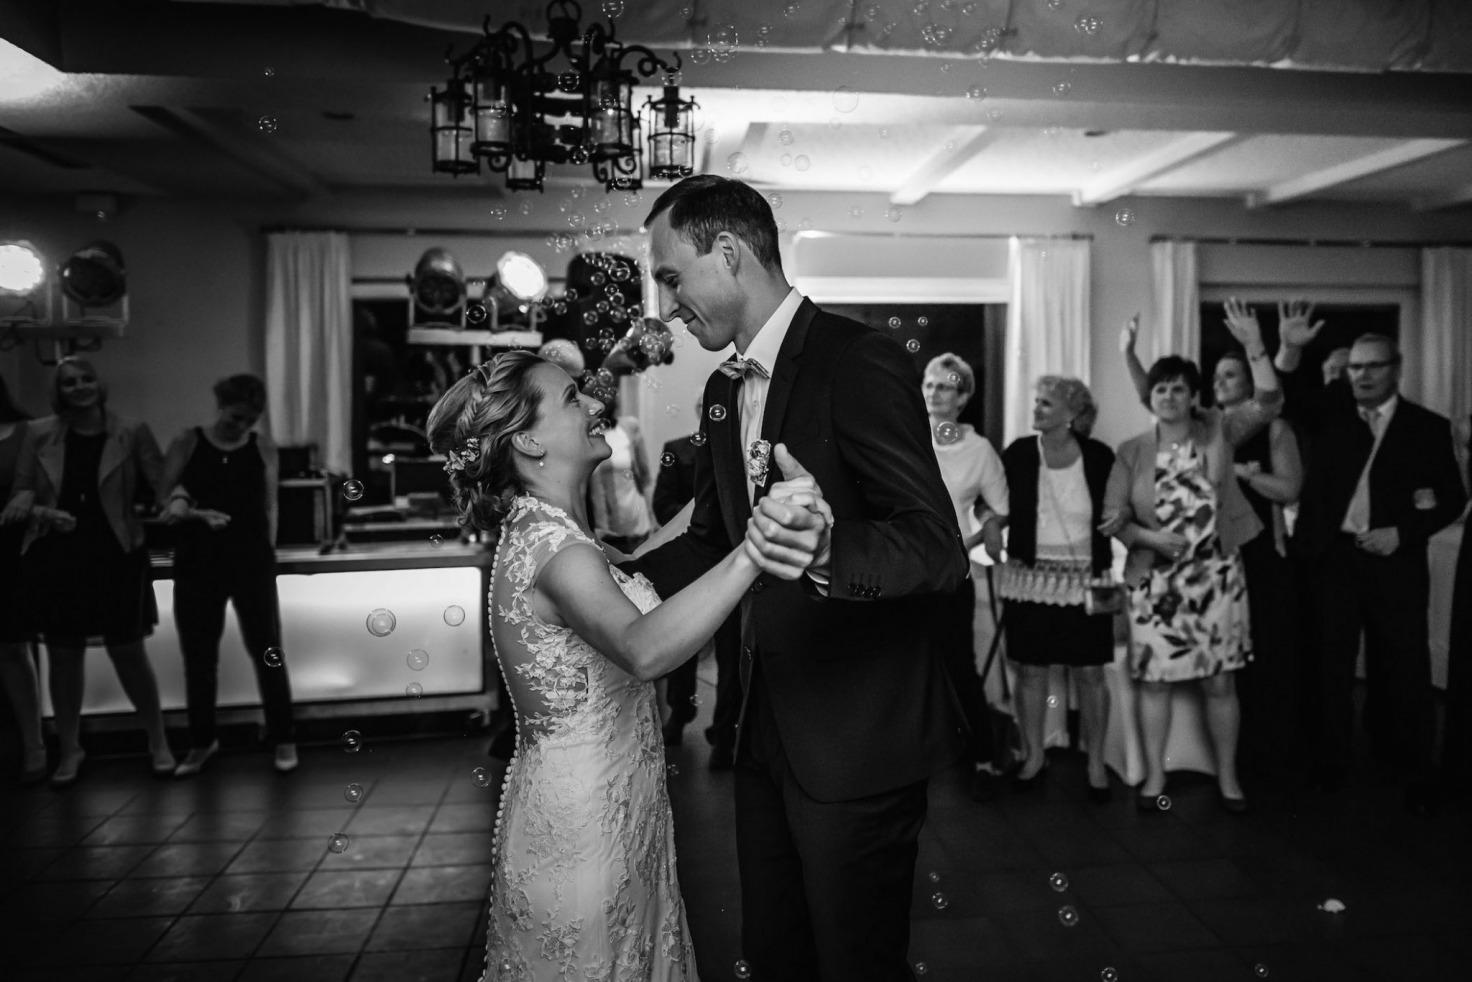 Hochzeit von Sabrina und Michael in Münster: Hochzeitstanz des Brautpaares